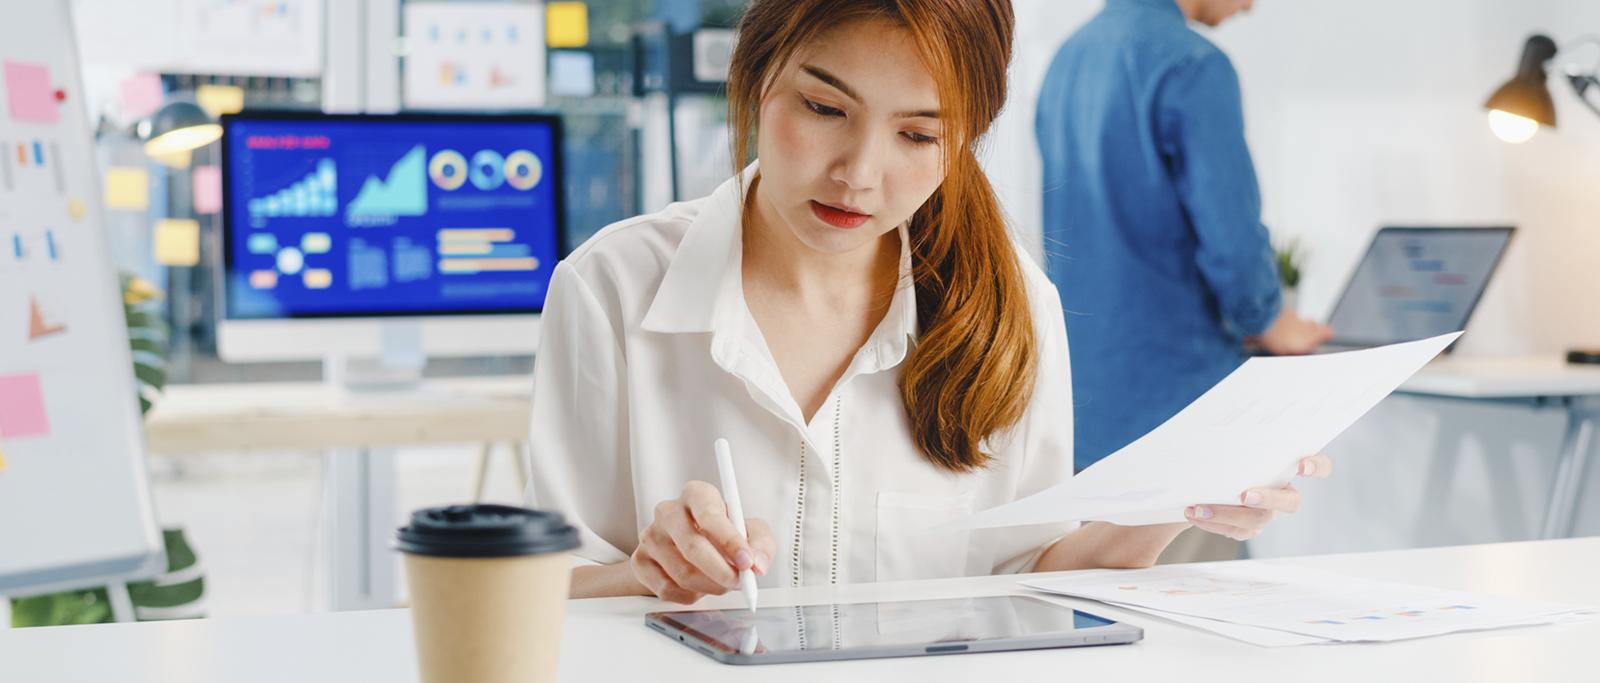 9 passos para vencer as objeções no processo de vendas B2B